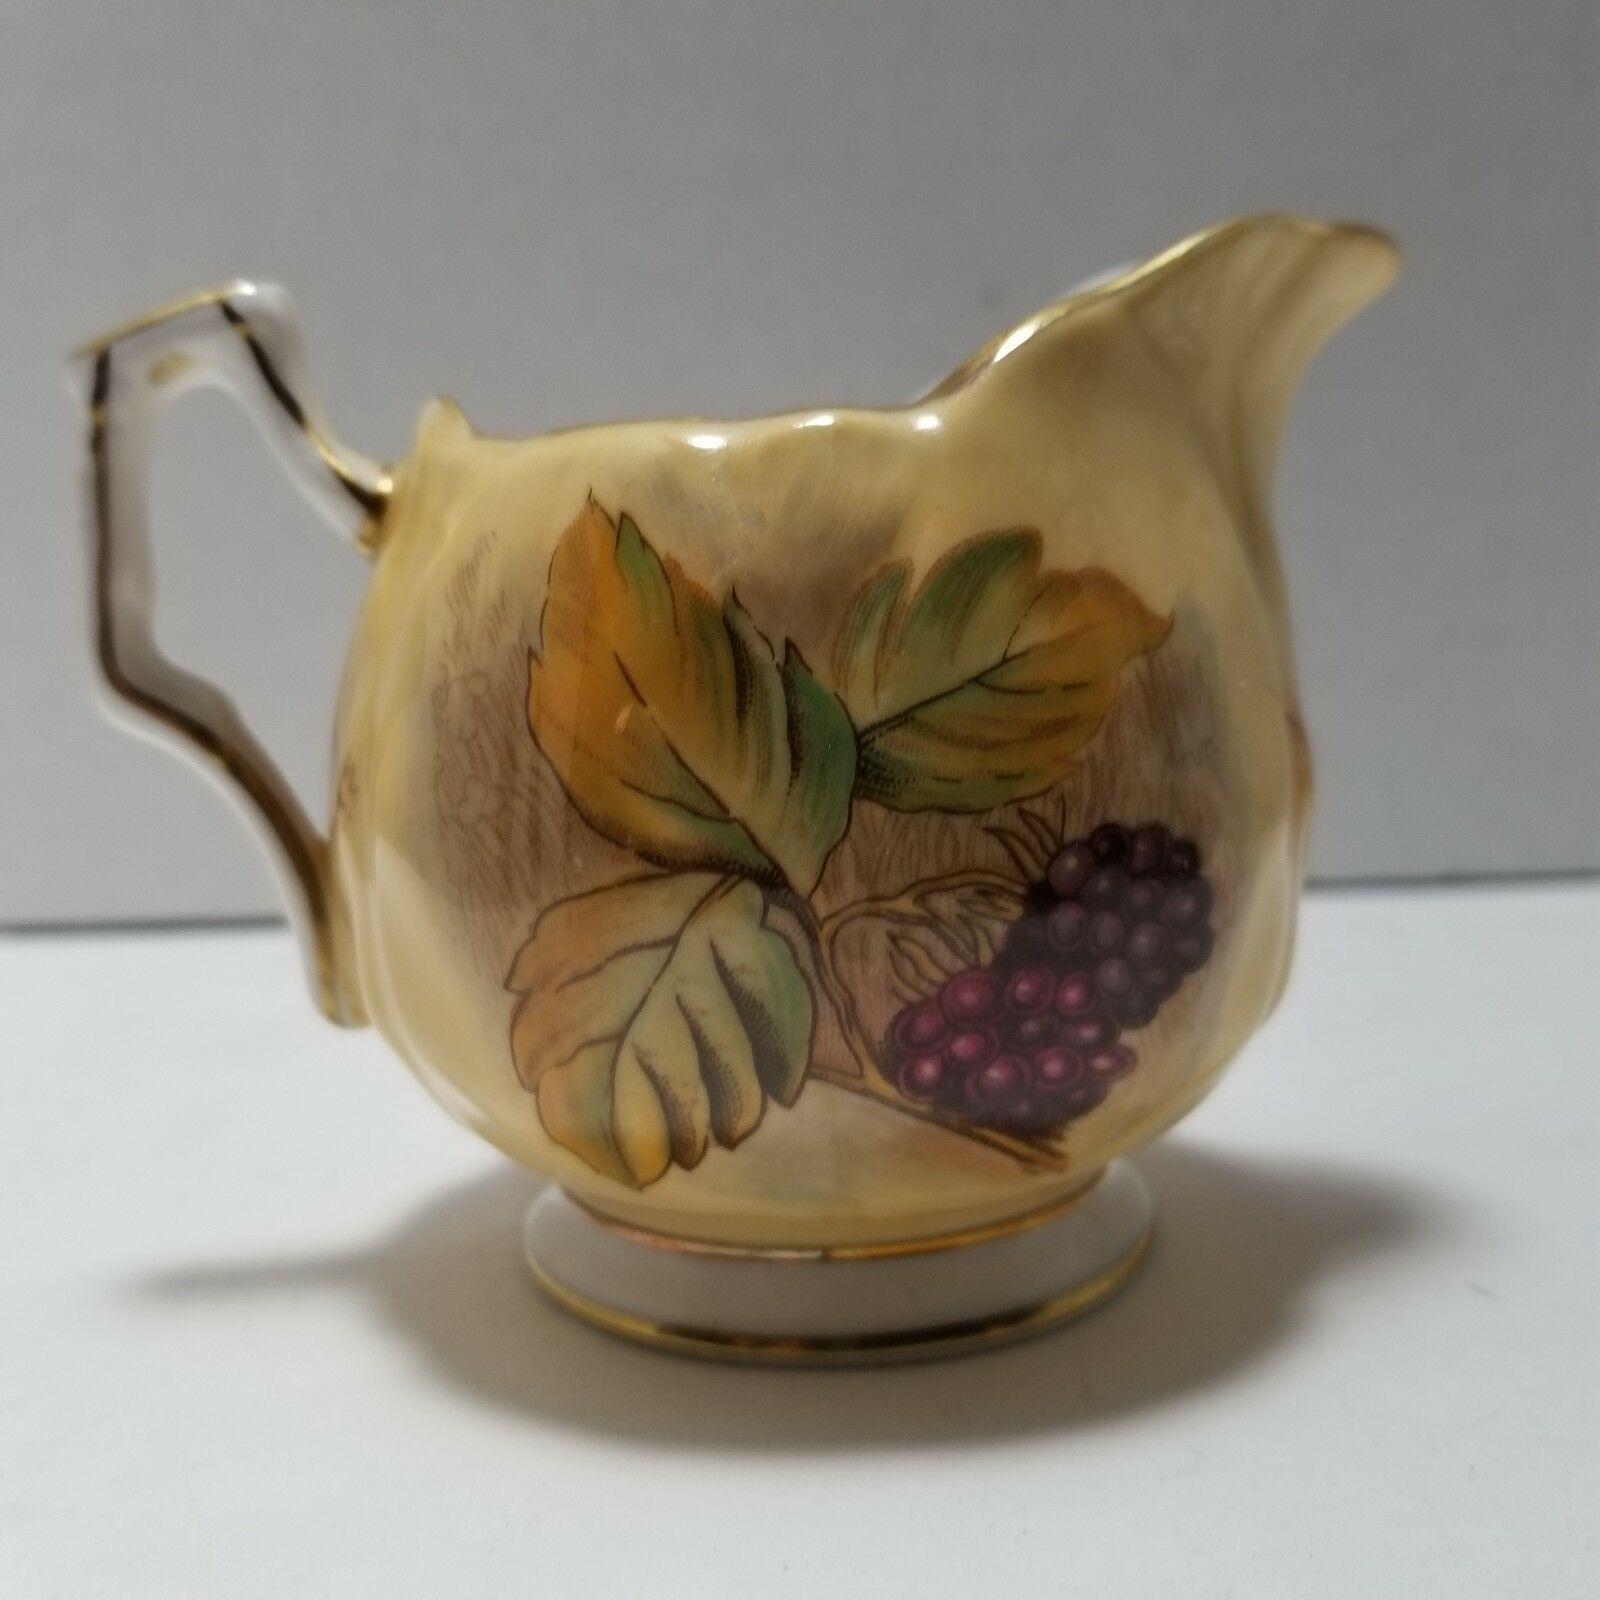 Aynsley Orchard Gold Mini Sugar Bowl and Creamer Set image 8